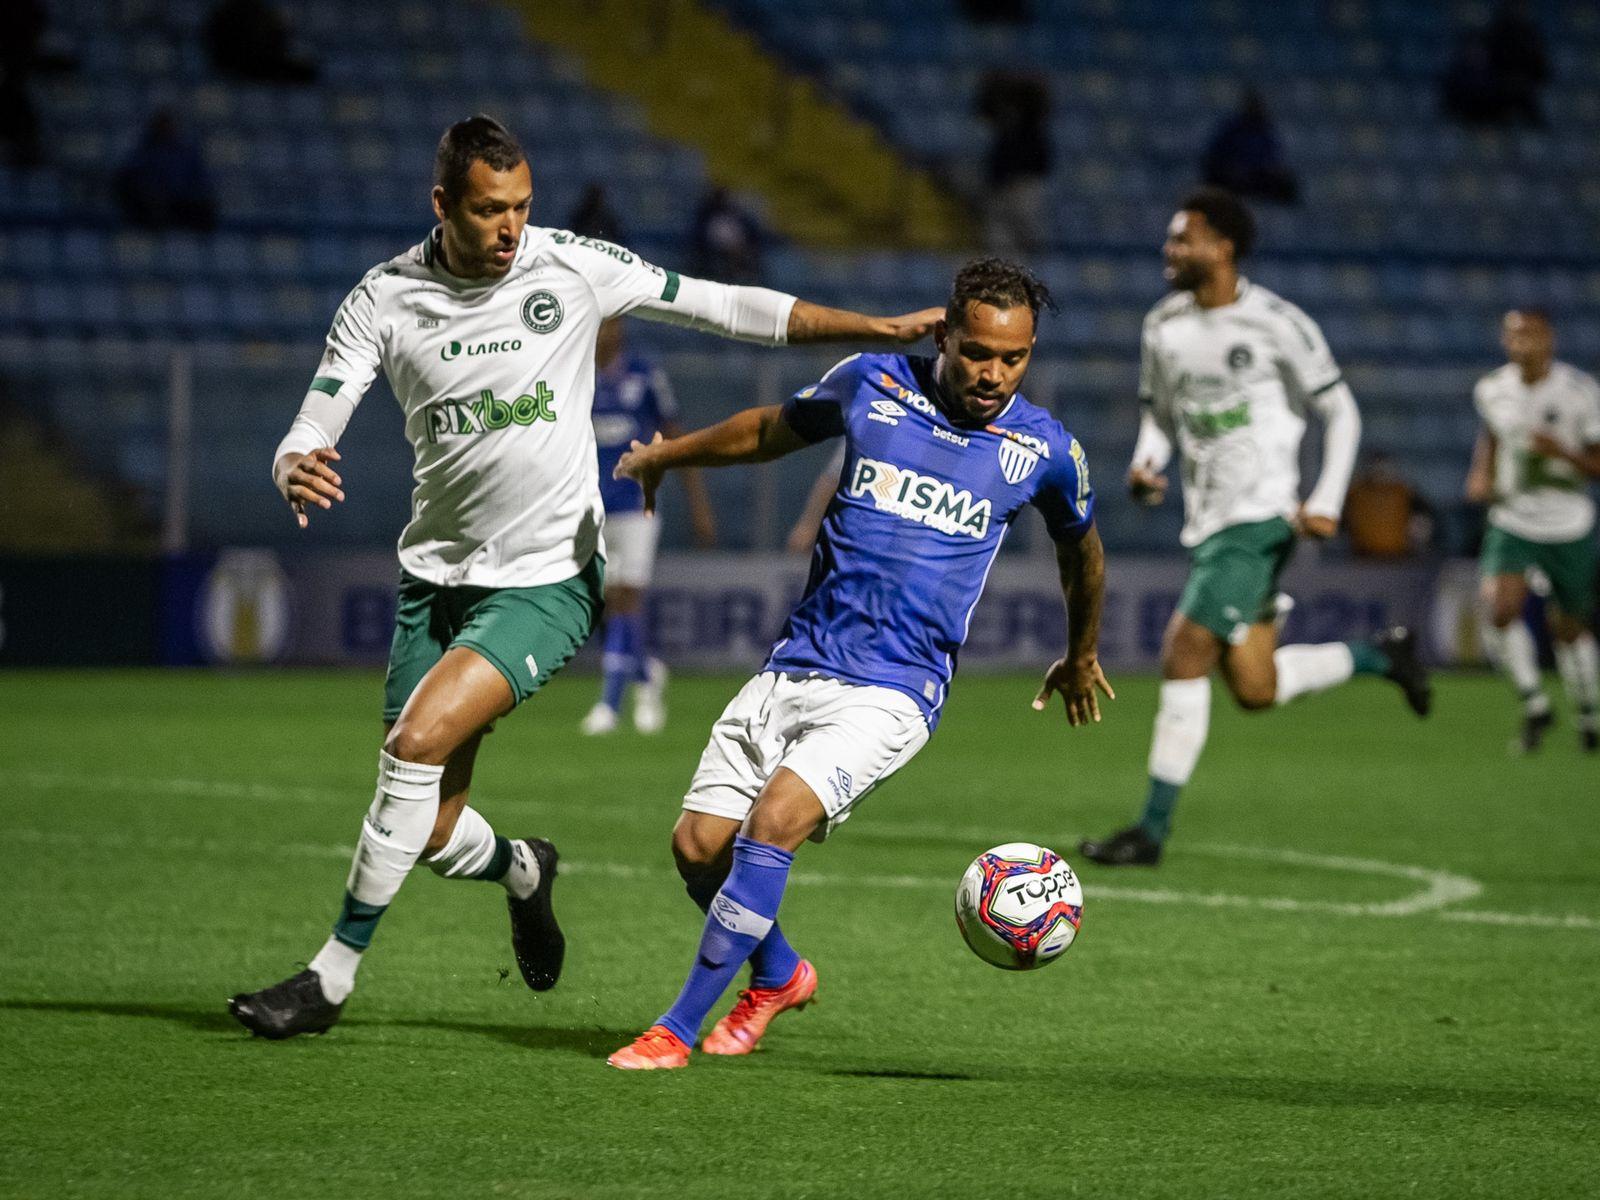 Lourenço ressalta importância da vitória contra o Goiás e mira entrada do Avaí no G4 da Série B